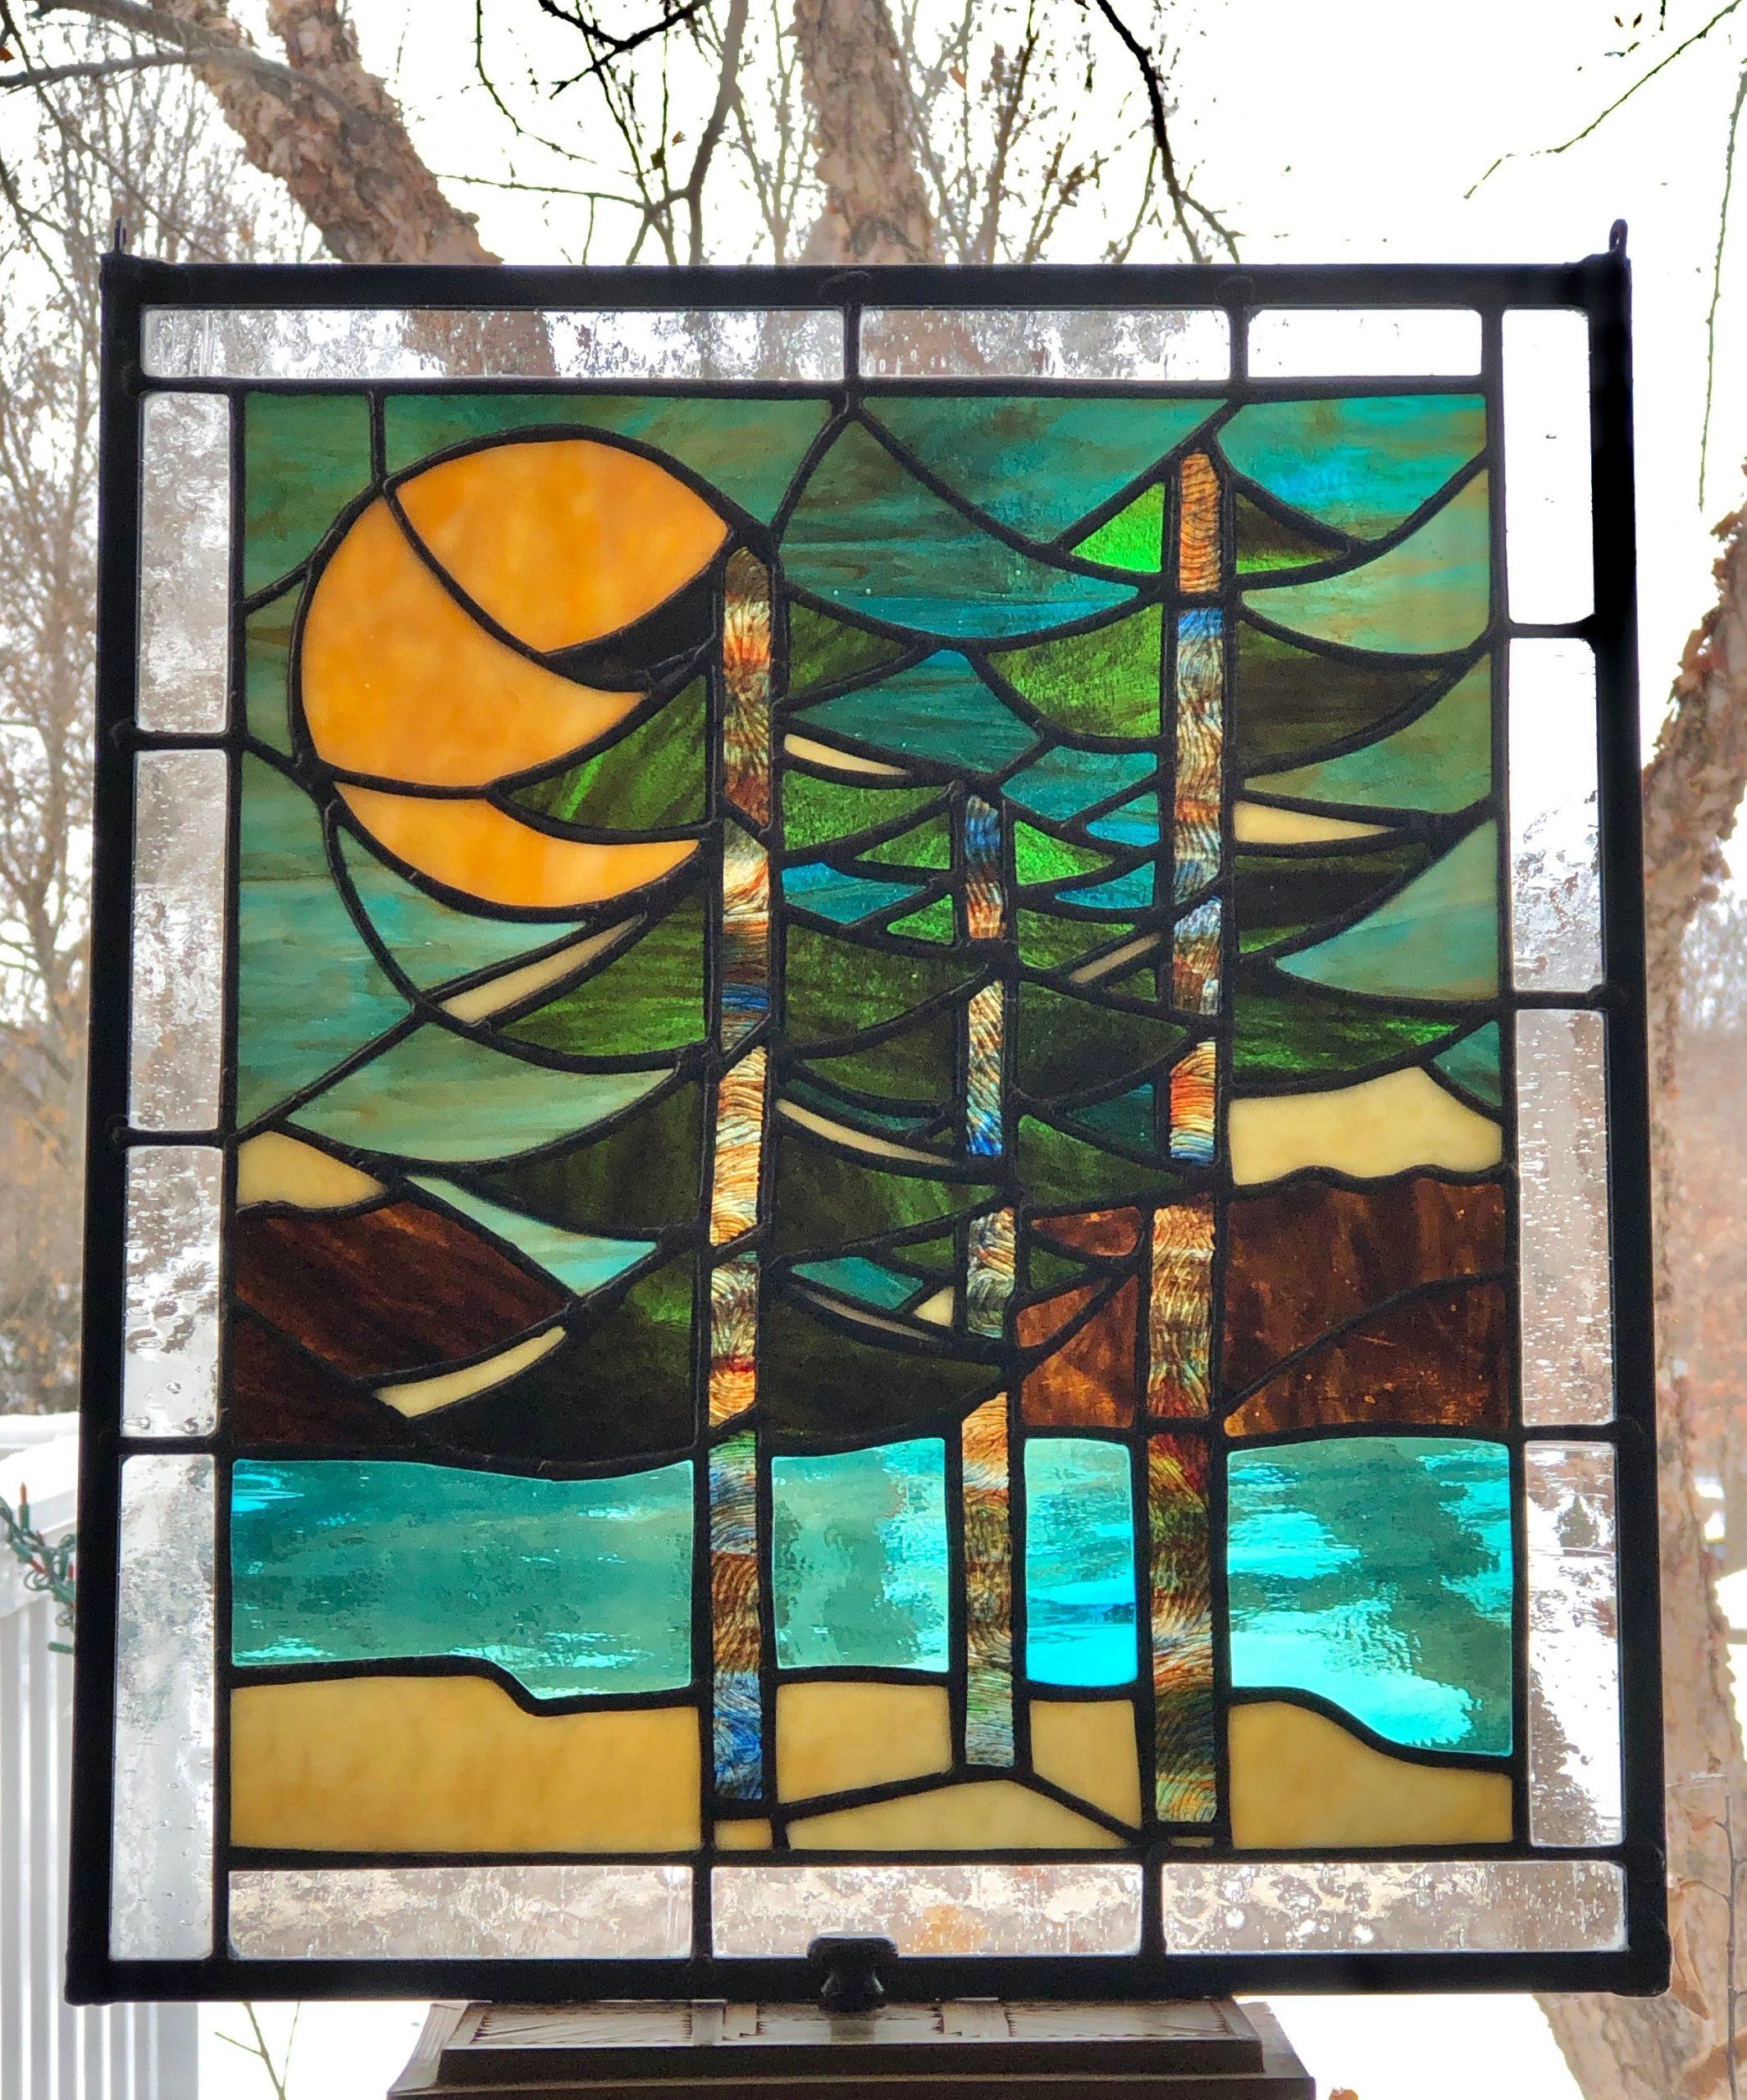 Moonlit Winter Pines